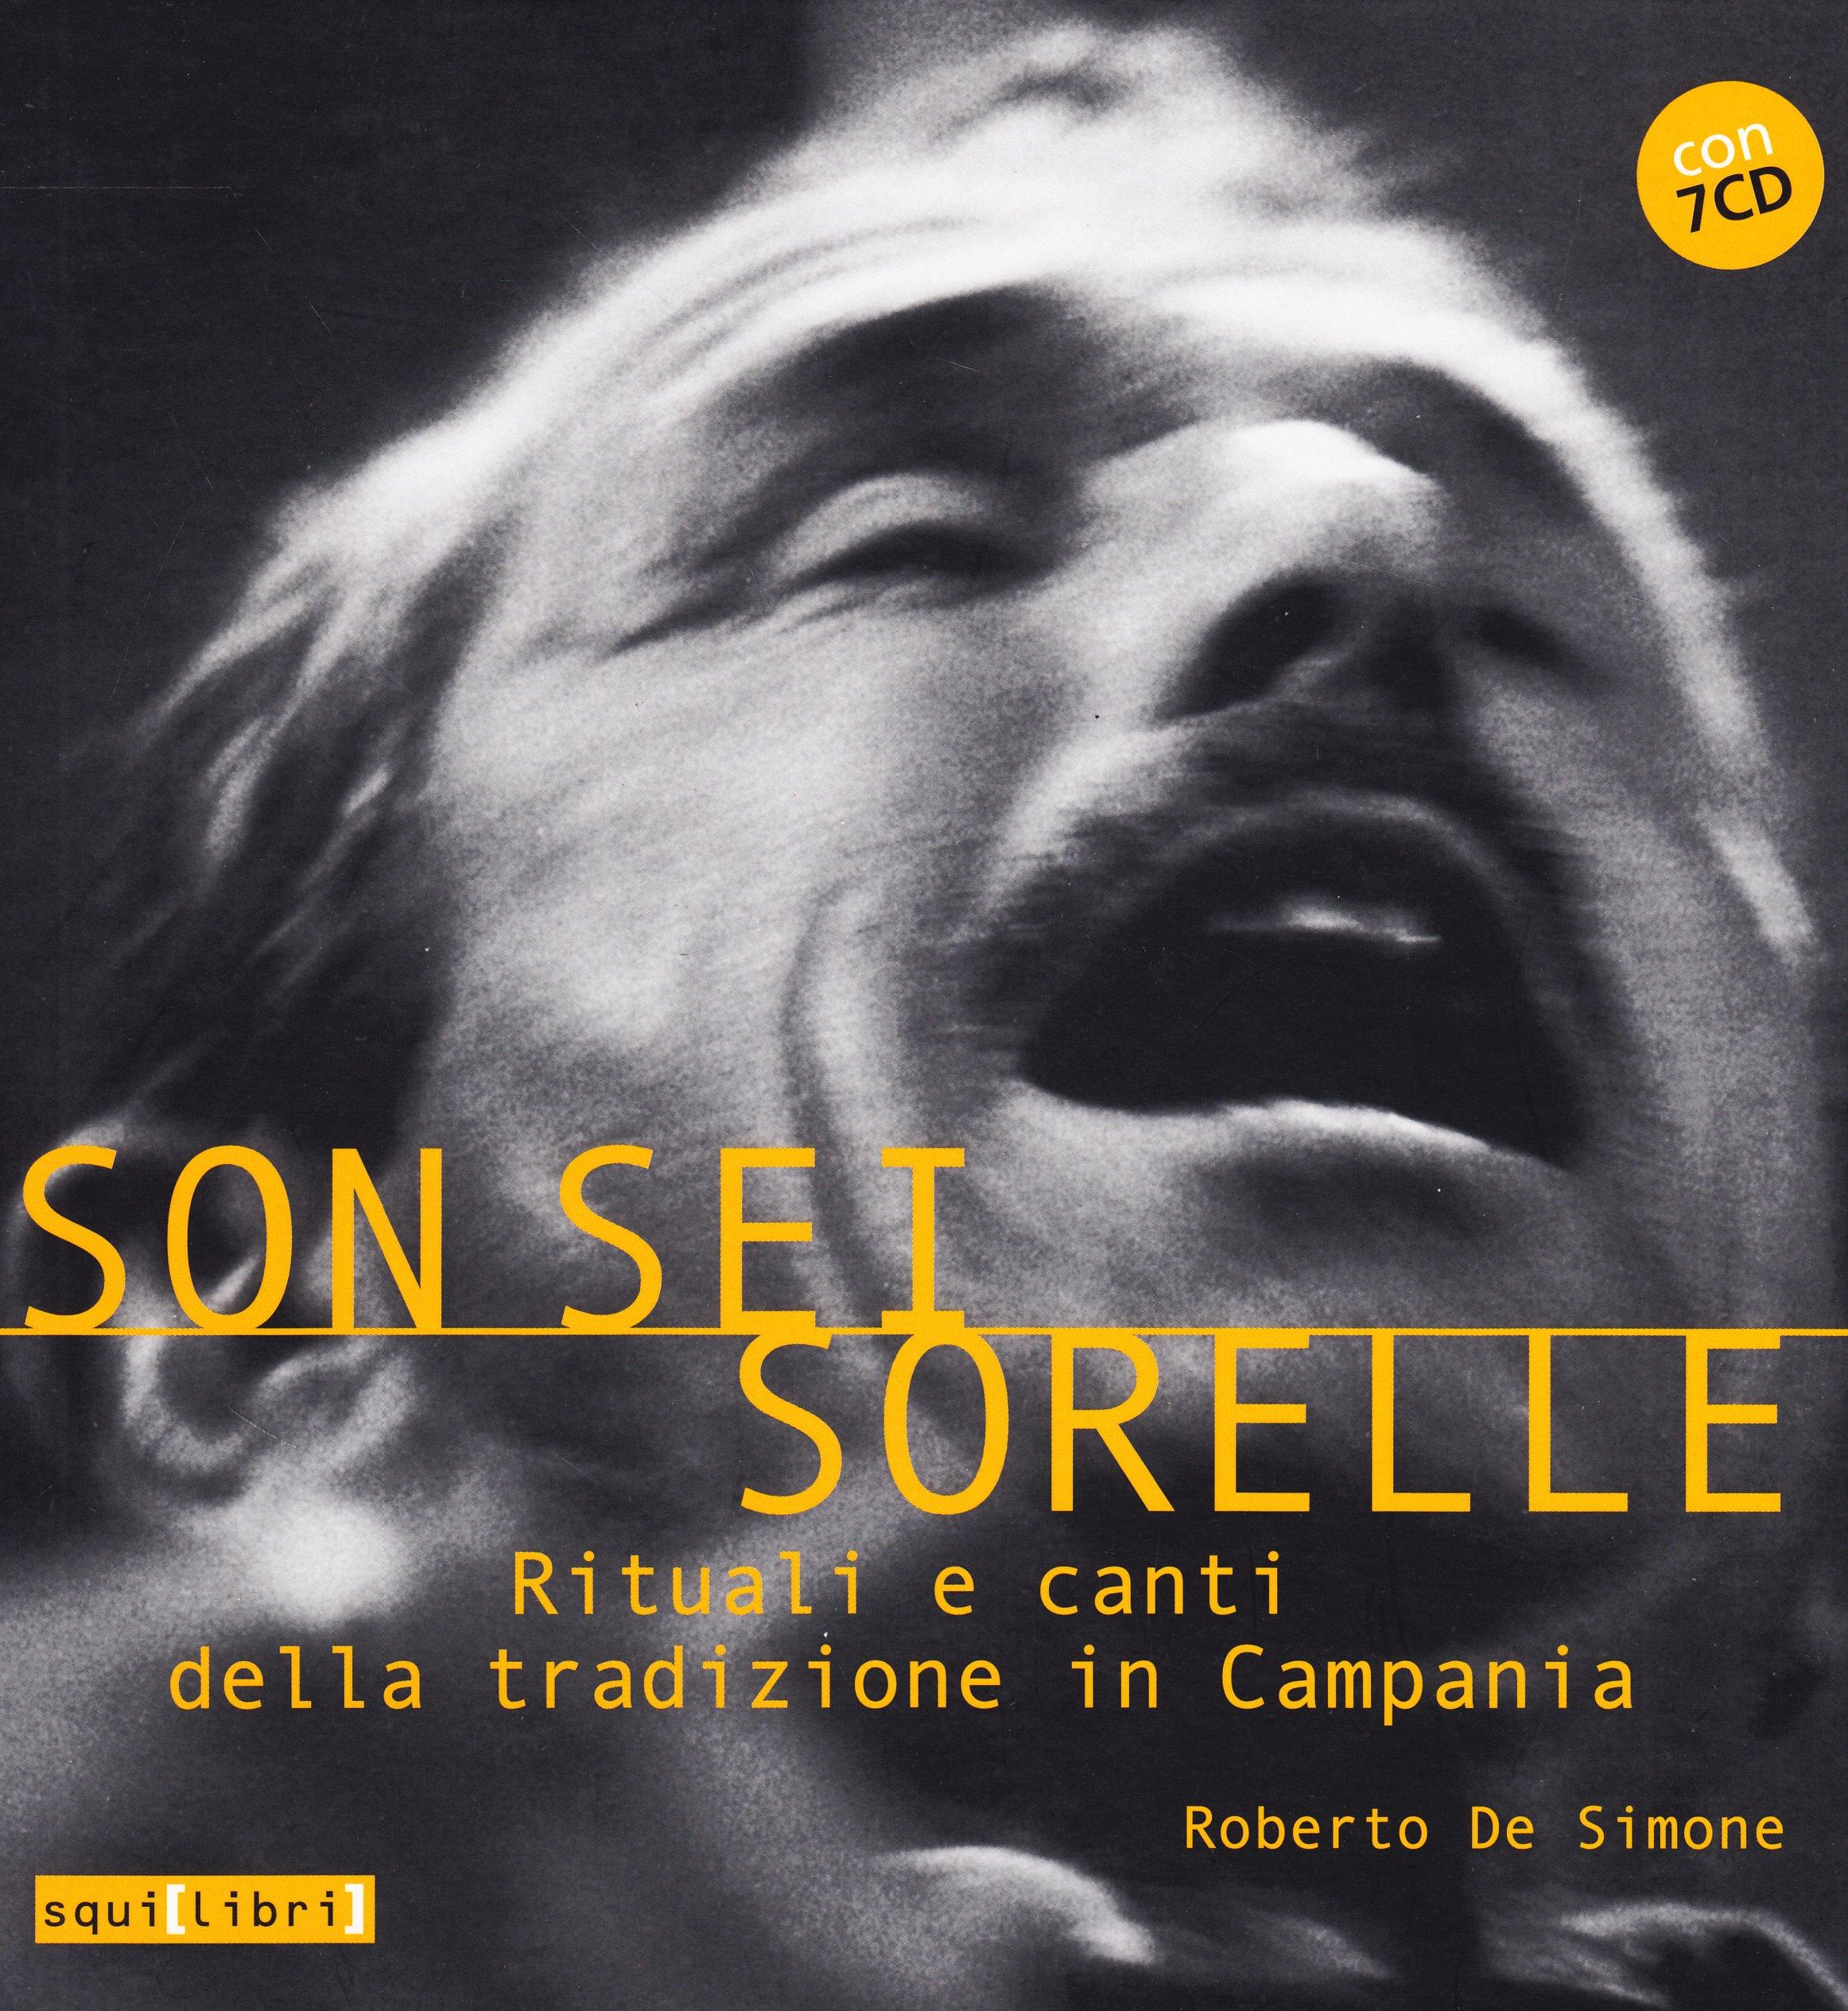 Son sei sorelle. Rituali e canti nella tradizione in Campania. Con 7 CD  Audio: Amazon.it: De Simone, Roberto, Vallifuoco, G.: Libri